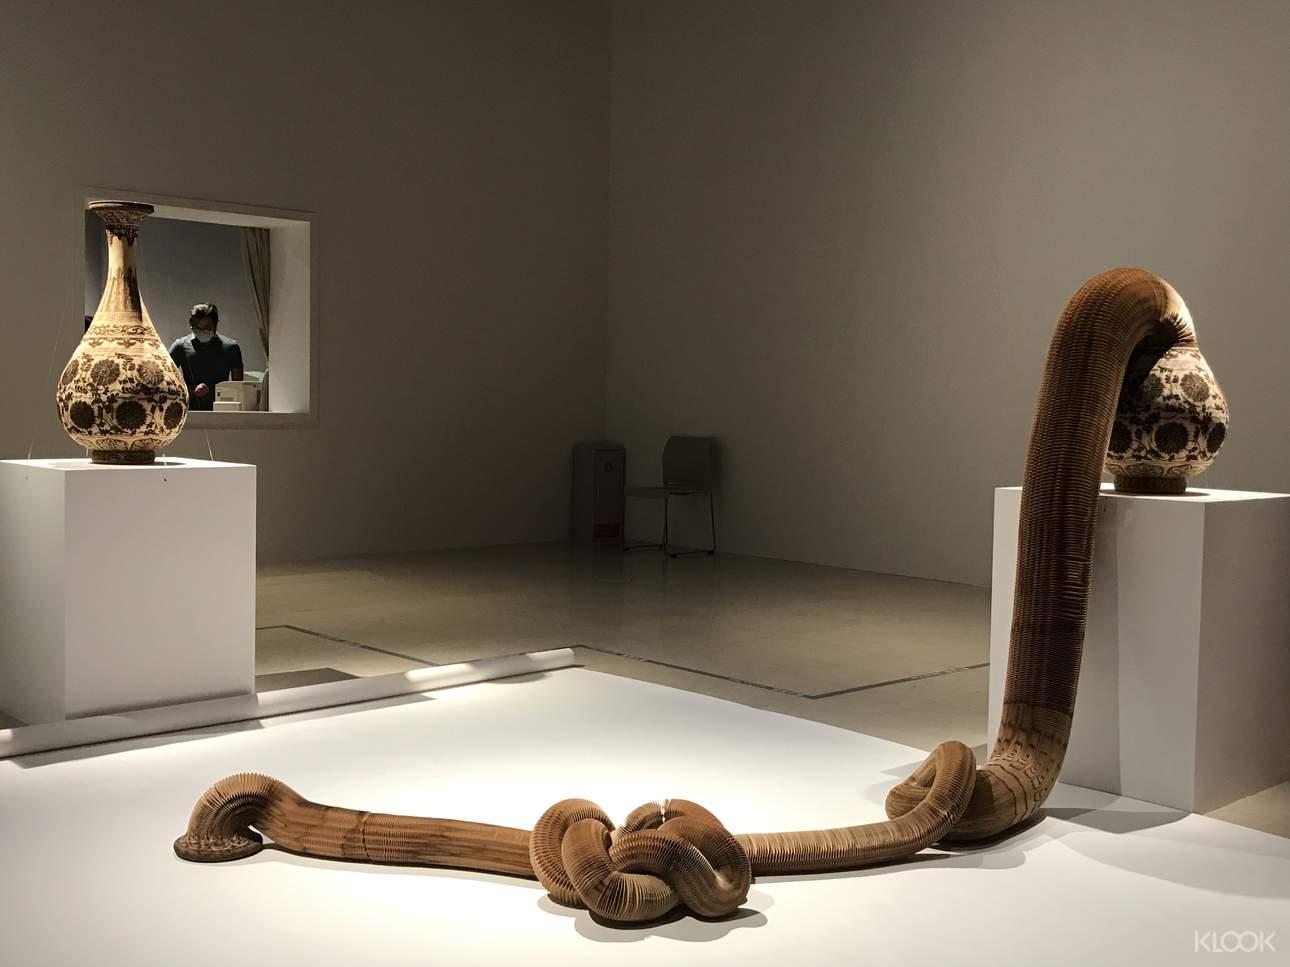 中國藝術家李洪波從東方傳統紙玩具和紙燈籠中獲得創作靈感,重新詮釋西方經典雕像,打破人們對雕像不動、堅硬、崇高的固有認知。在他的創作裏,雕像成為可隨意拉伸、變形,甚至流動的柔軟形象,彷彿某種生物,充滿超現實的奇幻感